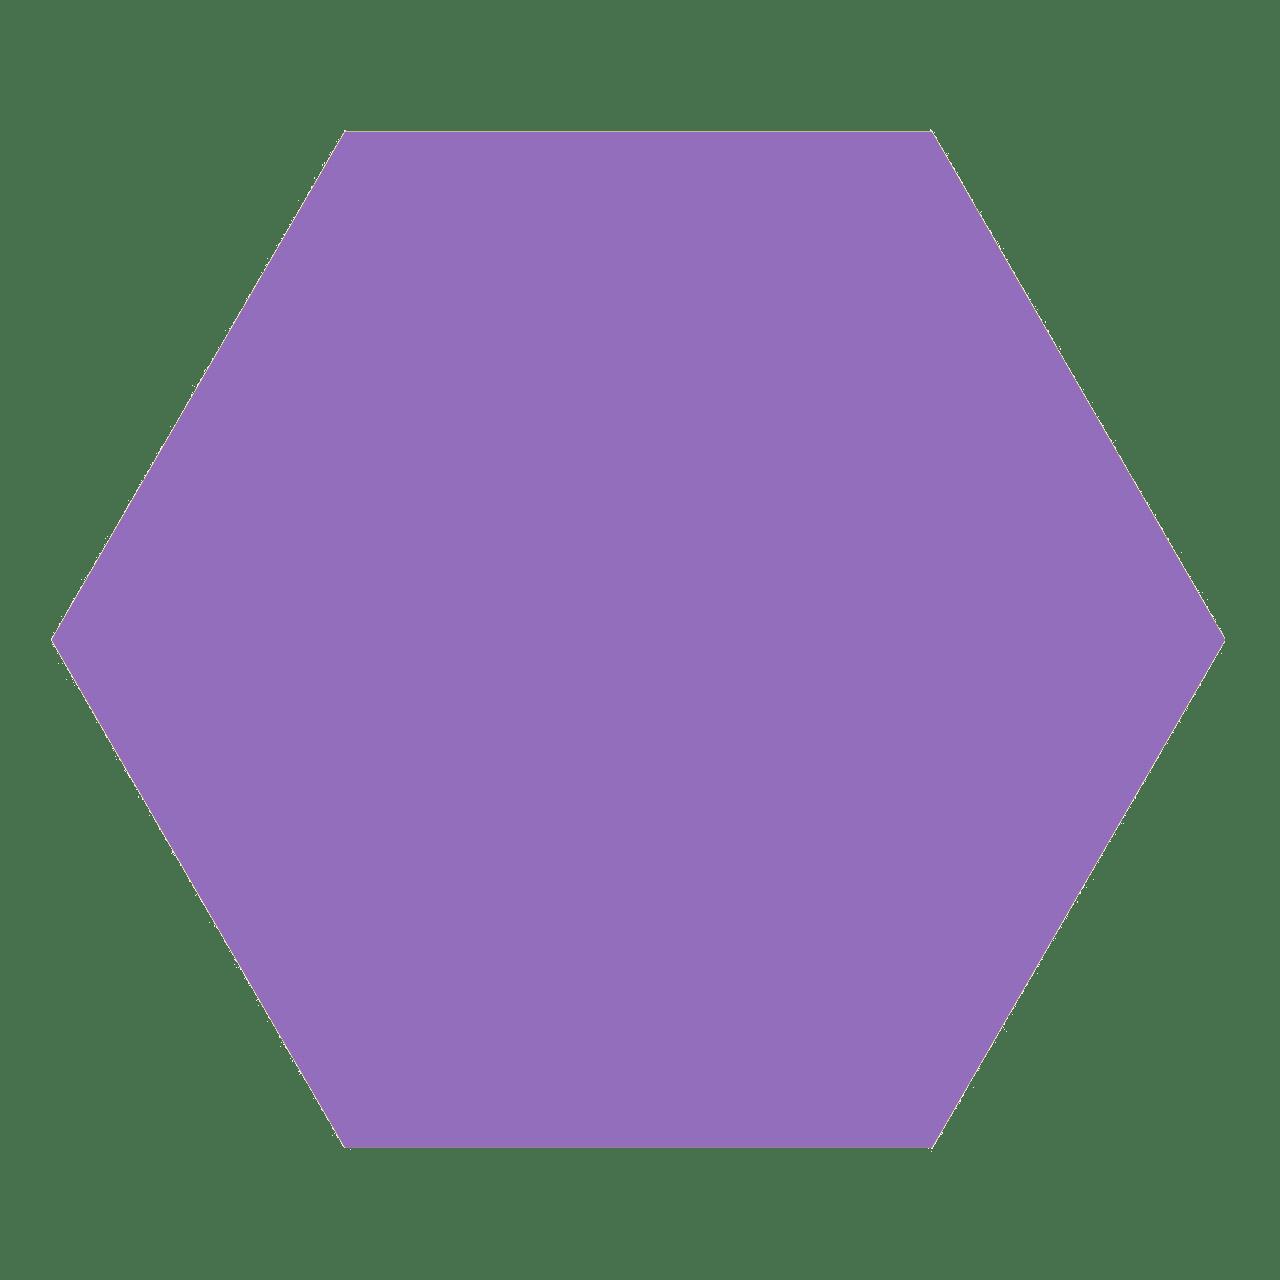 esagono violet